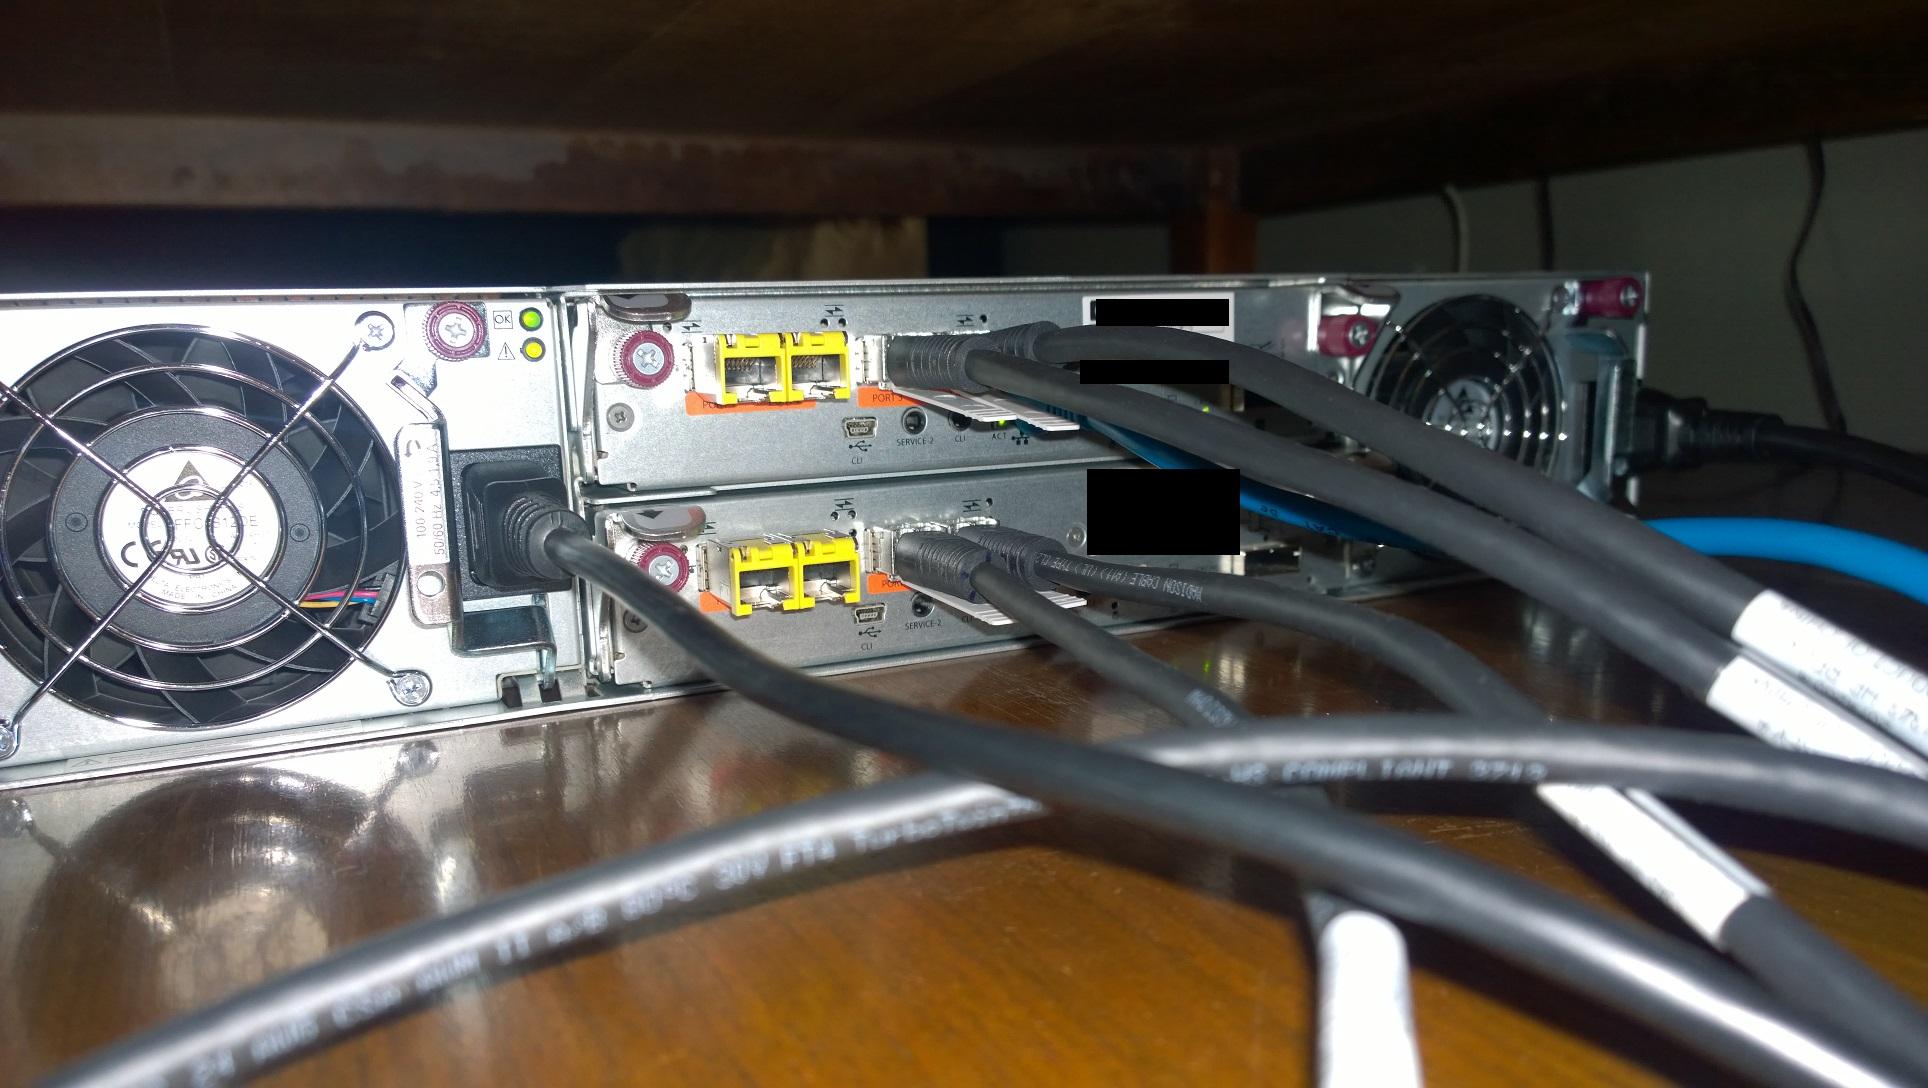 Hpe Msa 2040 Dual Controller San 10gb Iscsi Dac